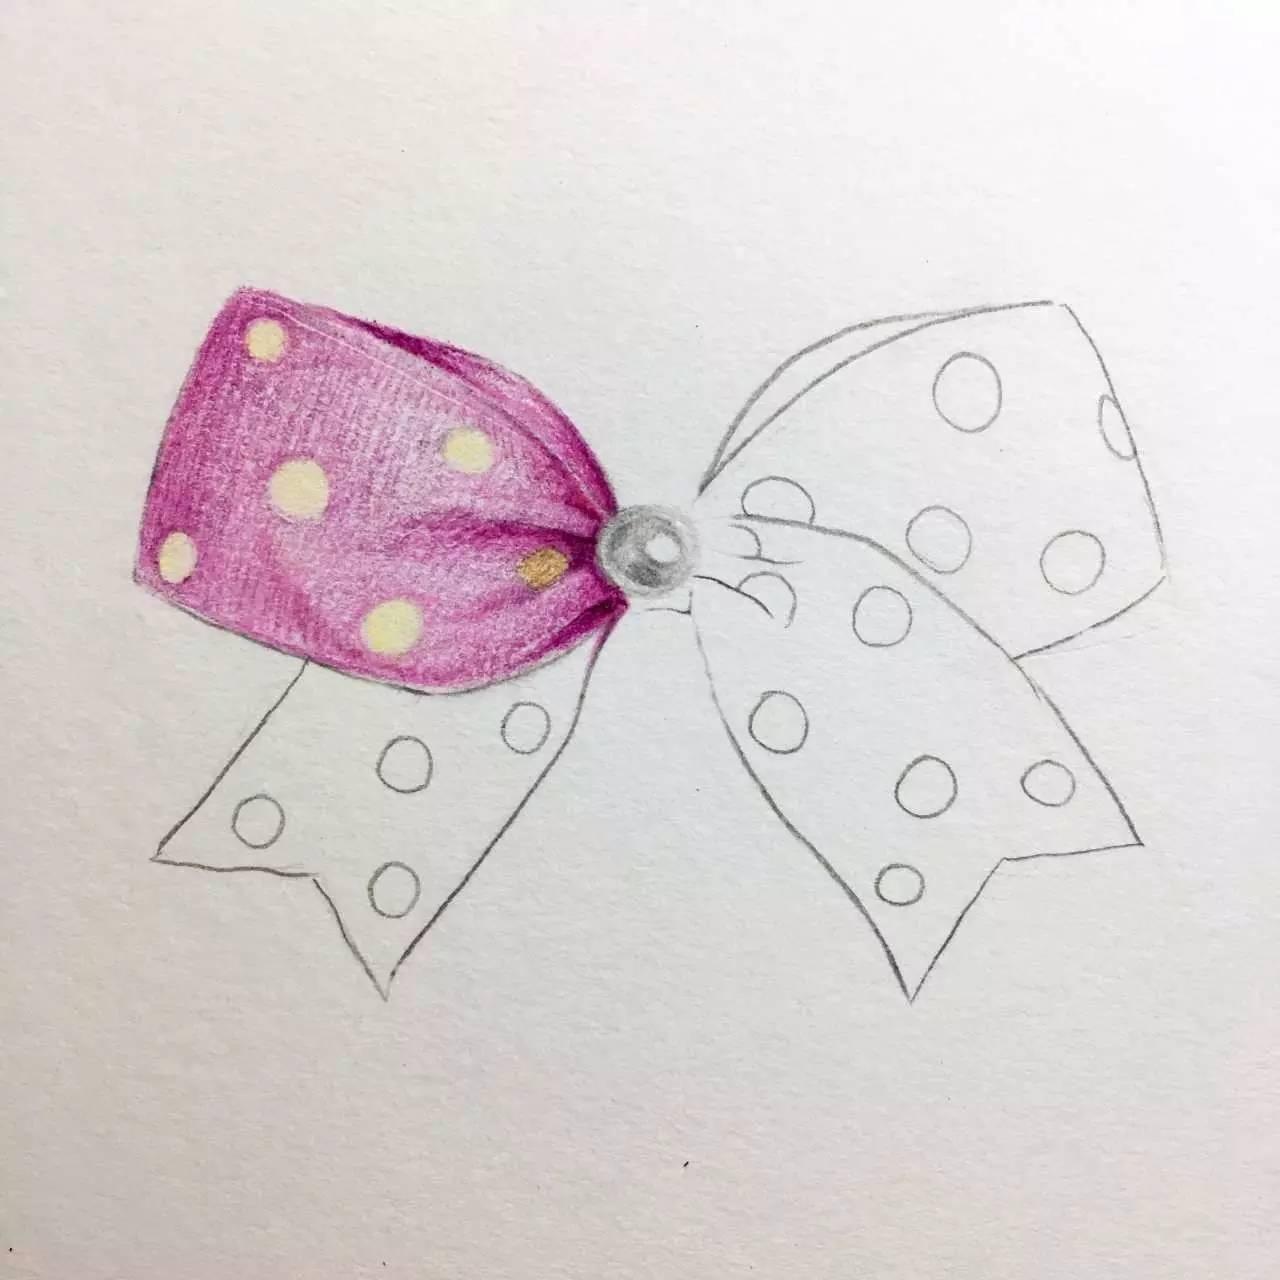 手绘简单小物件 蝴蝶结